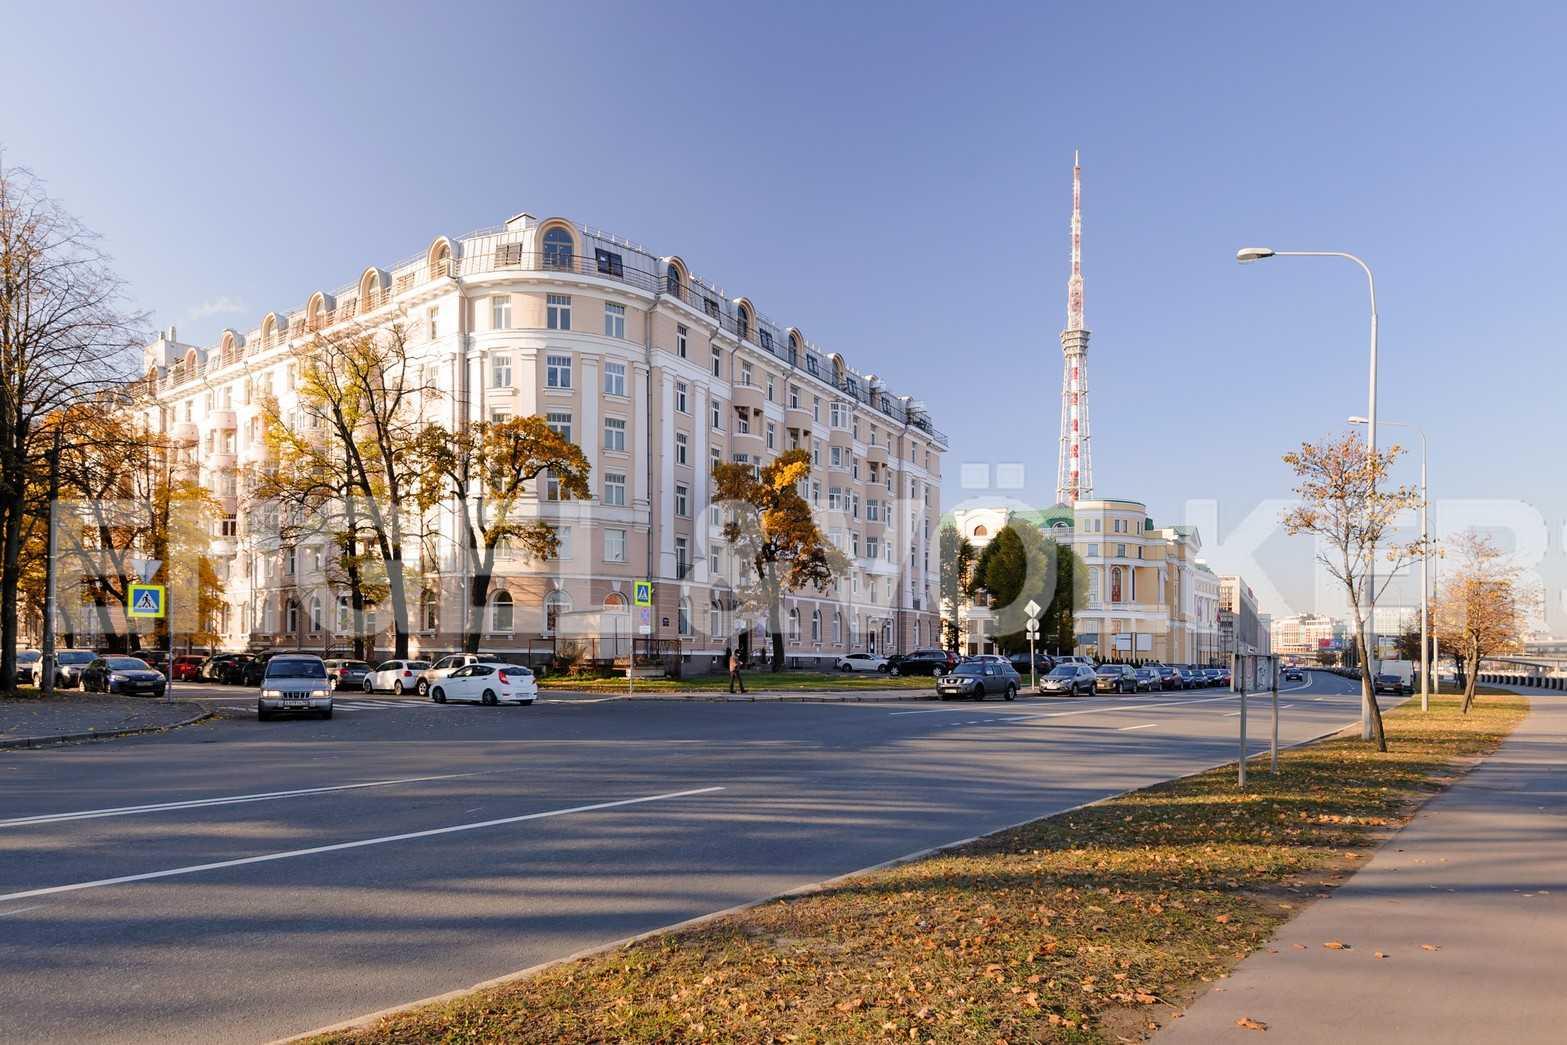 Элитные квартиры в Петроградском районе. Санкт-Петербург, Аптекарская наб., 6. Фасадная сторона комплекса